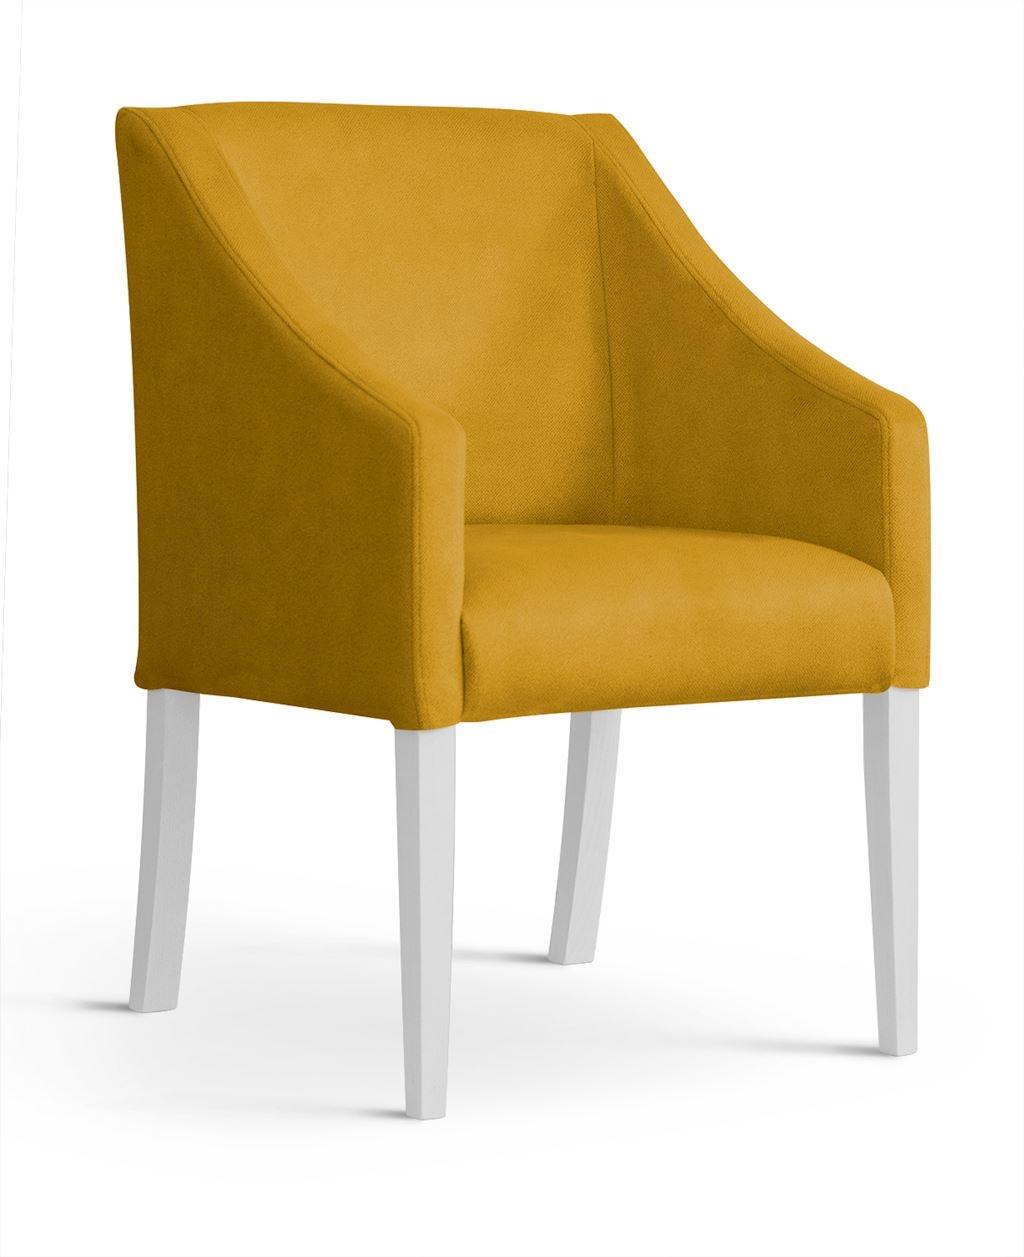 Fotoliu fix tapitat cu stofa, cu picioare din lemn Capri Honey / White, l58xA60xH89 cm imagine